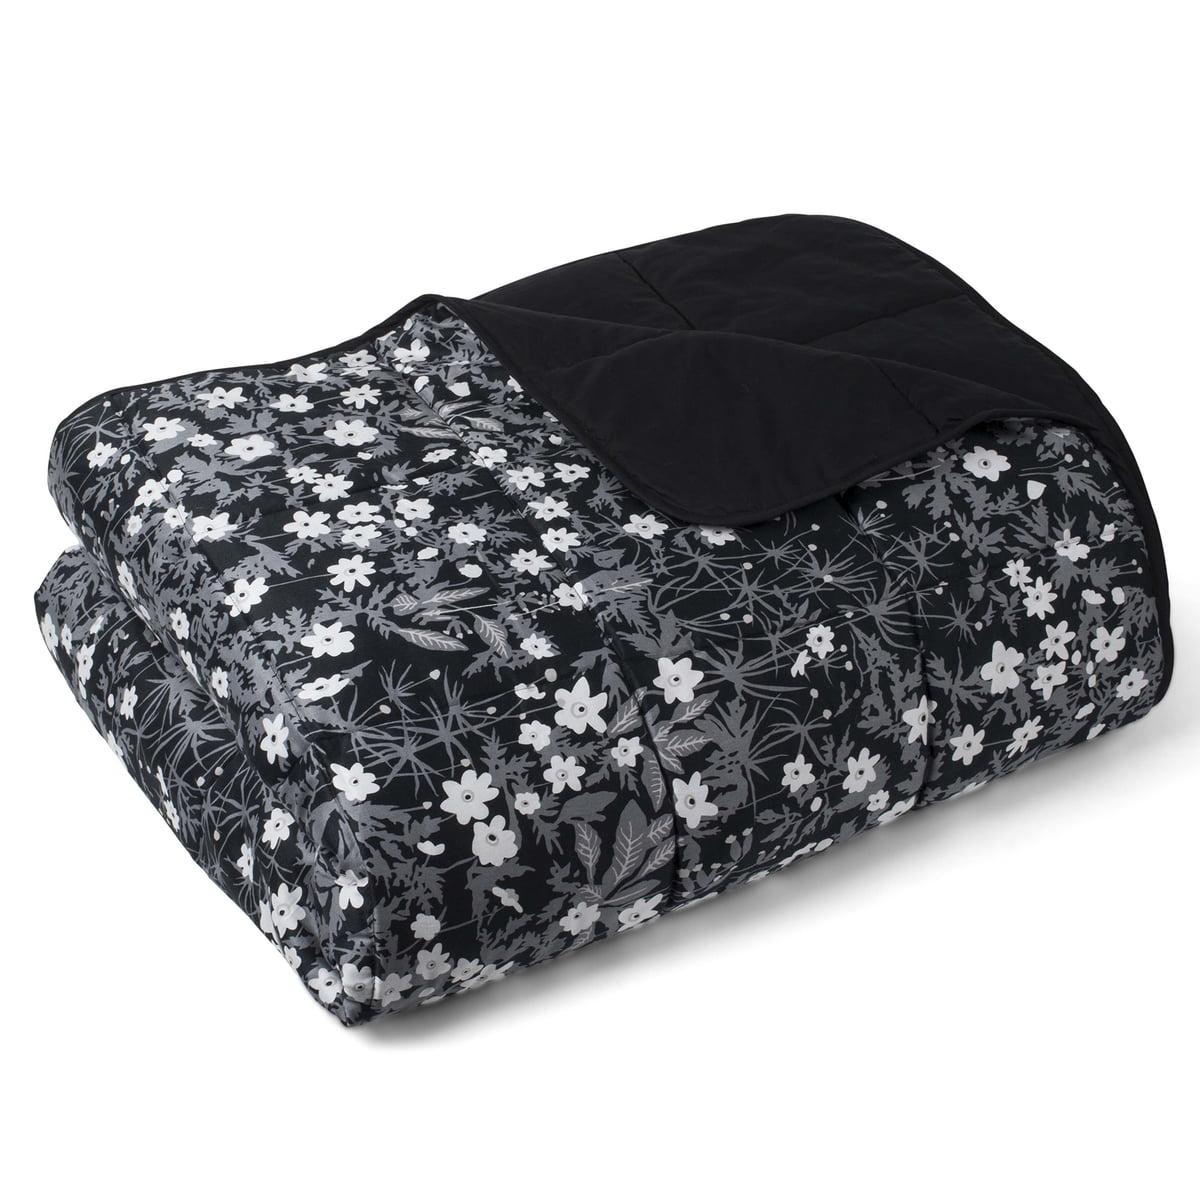 Det blomstrede sengetæppe fra Design Letters fås i interiørshoppen